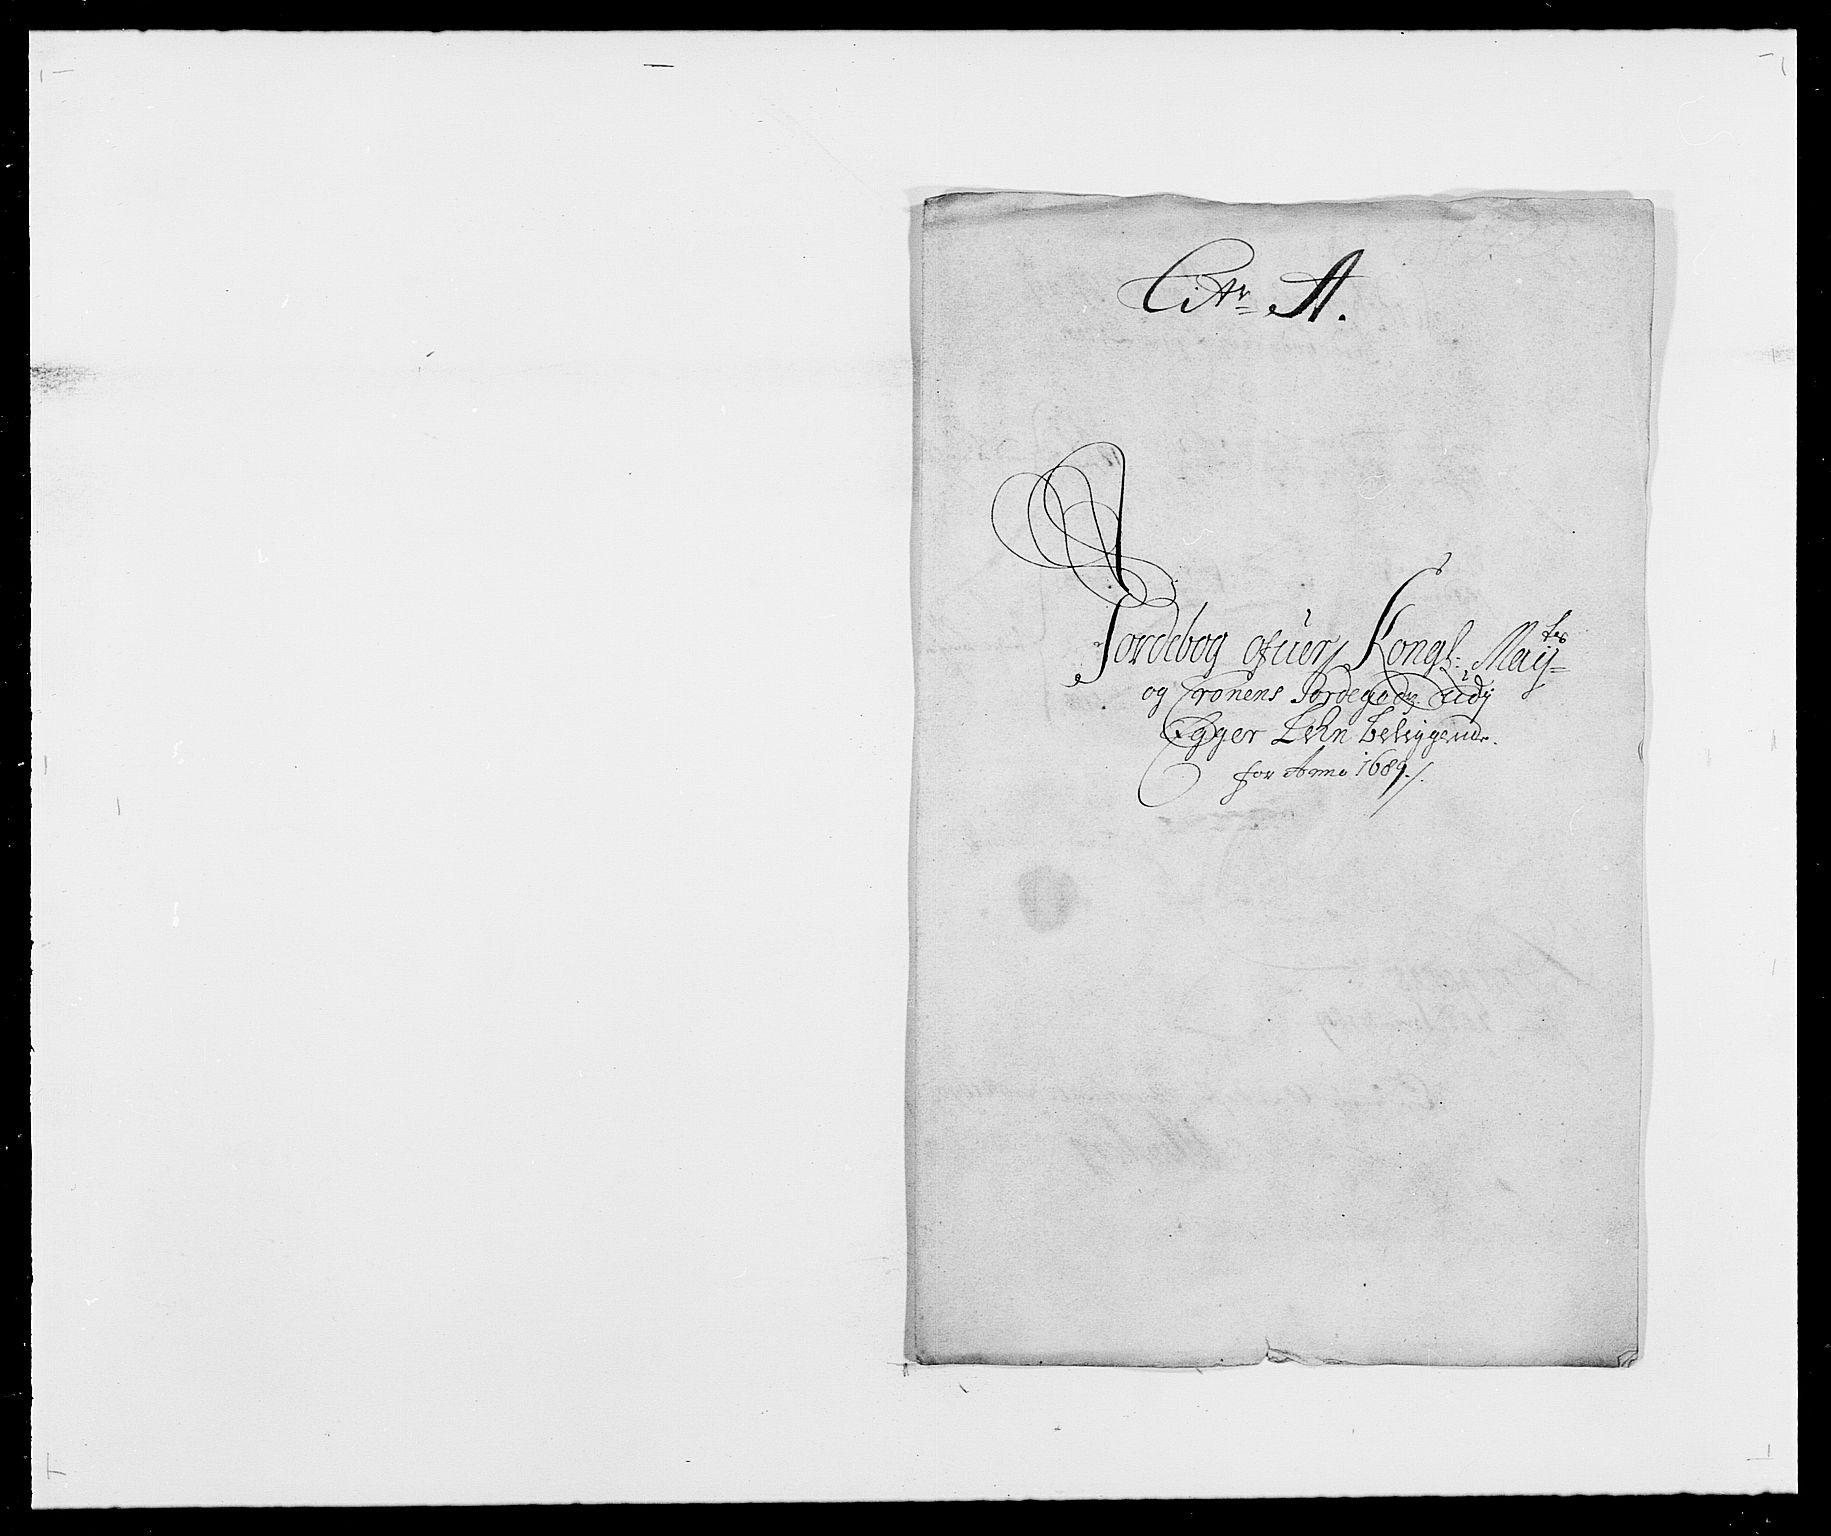 RA, Rentekammeret inntil 1814, Reviderte regnskaper, Fogderegnskap, R28/L1688: Fogderegnskap Eiker og Lier, 1687-1689, s. 340